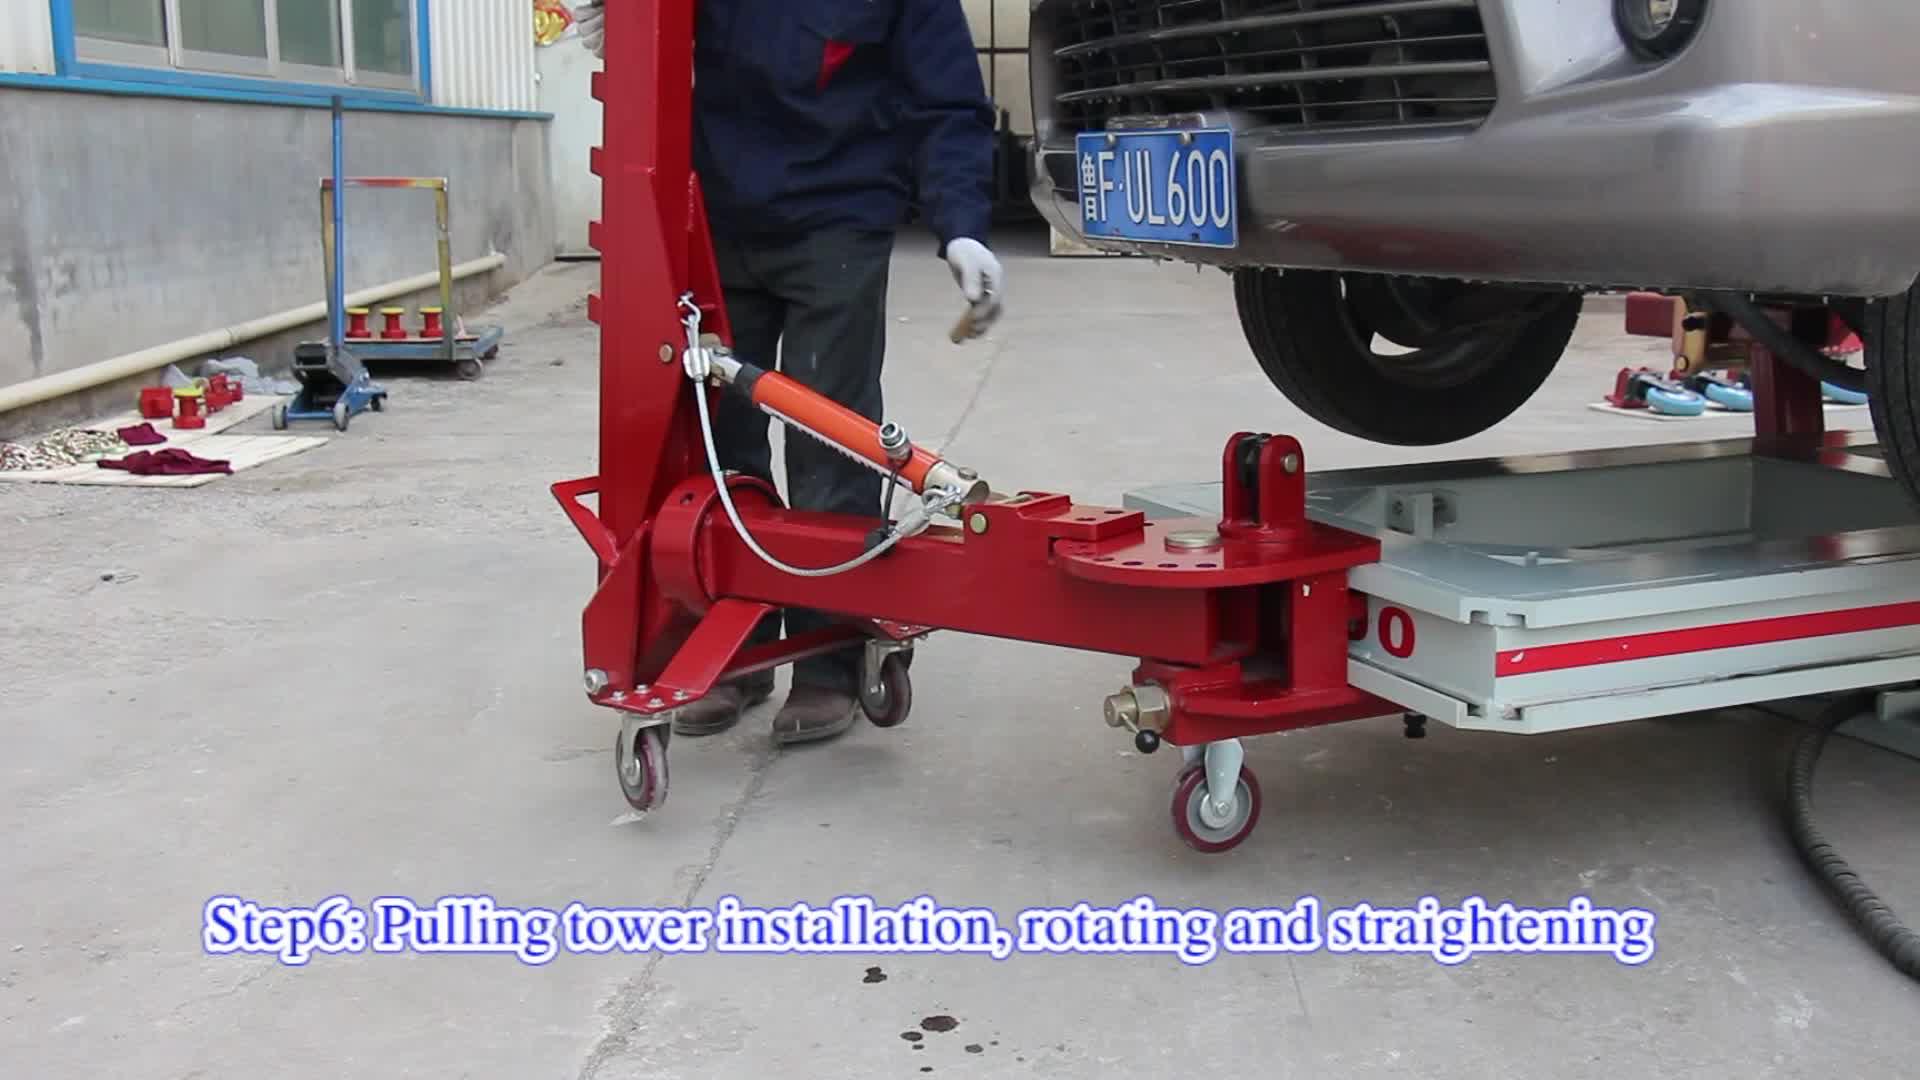 ตัวถังรถยนต์ชนกรอบเครื่อง / ดึงบุ๋มสำหรับการประชุมเชิงปฏิบัติการรถยนต์ / home Garage UL-600